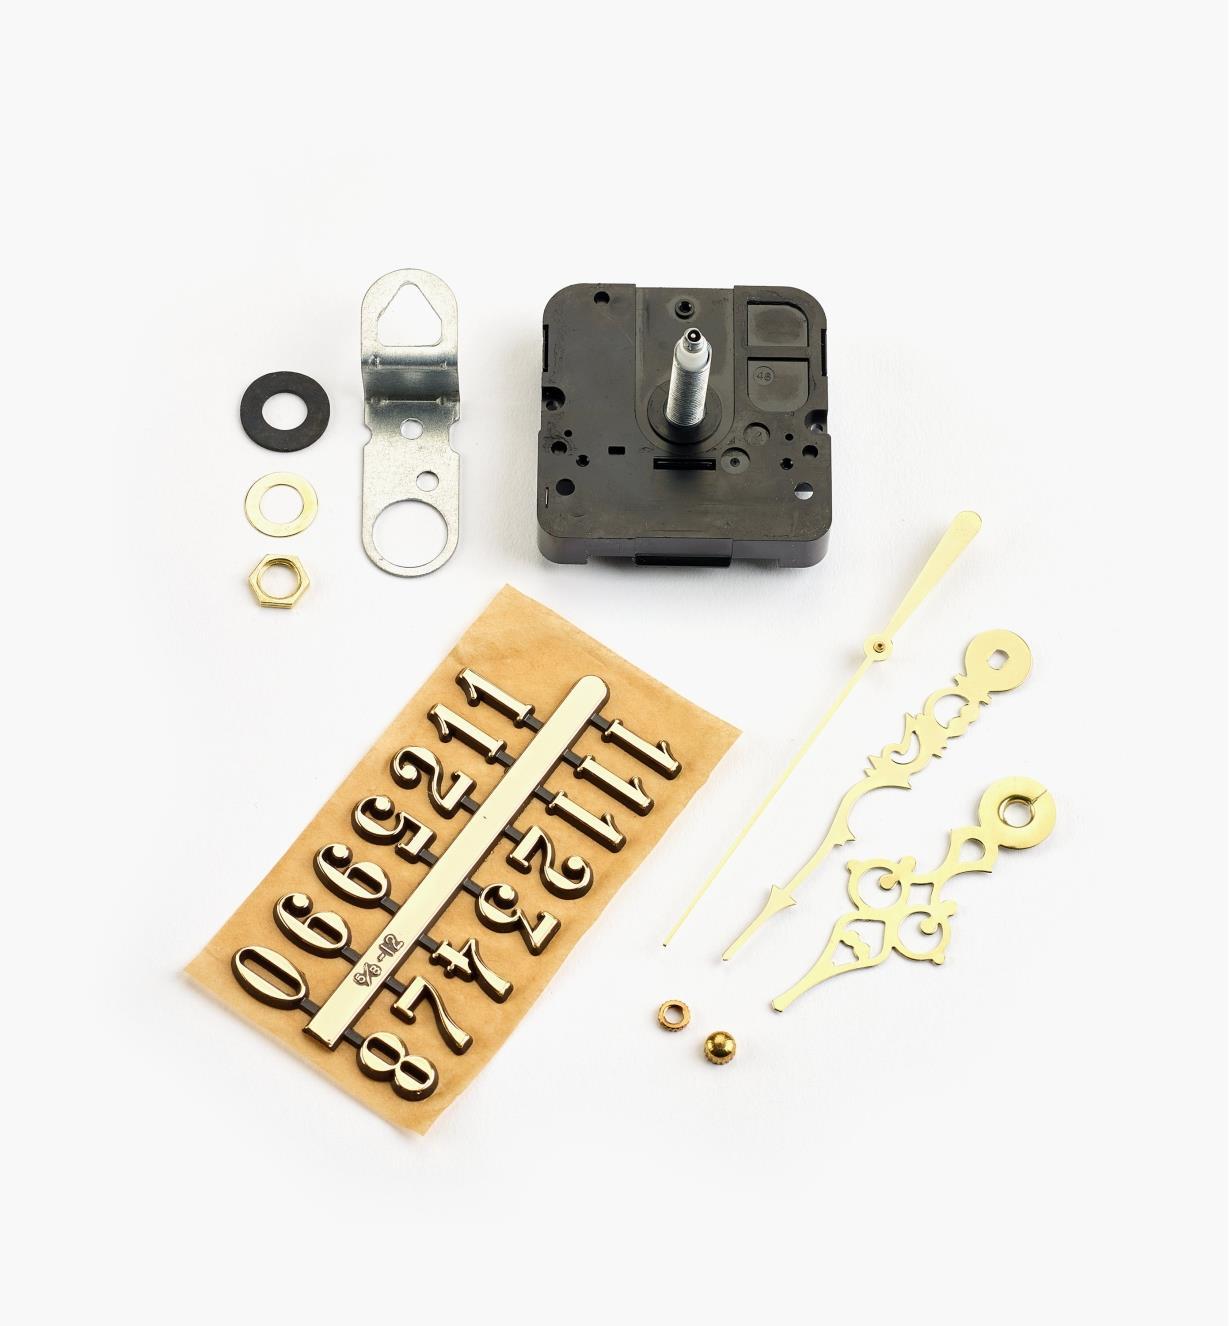 46K3163 - Composants pour horloge à arbre de 3/4po, chiffres arabes